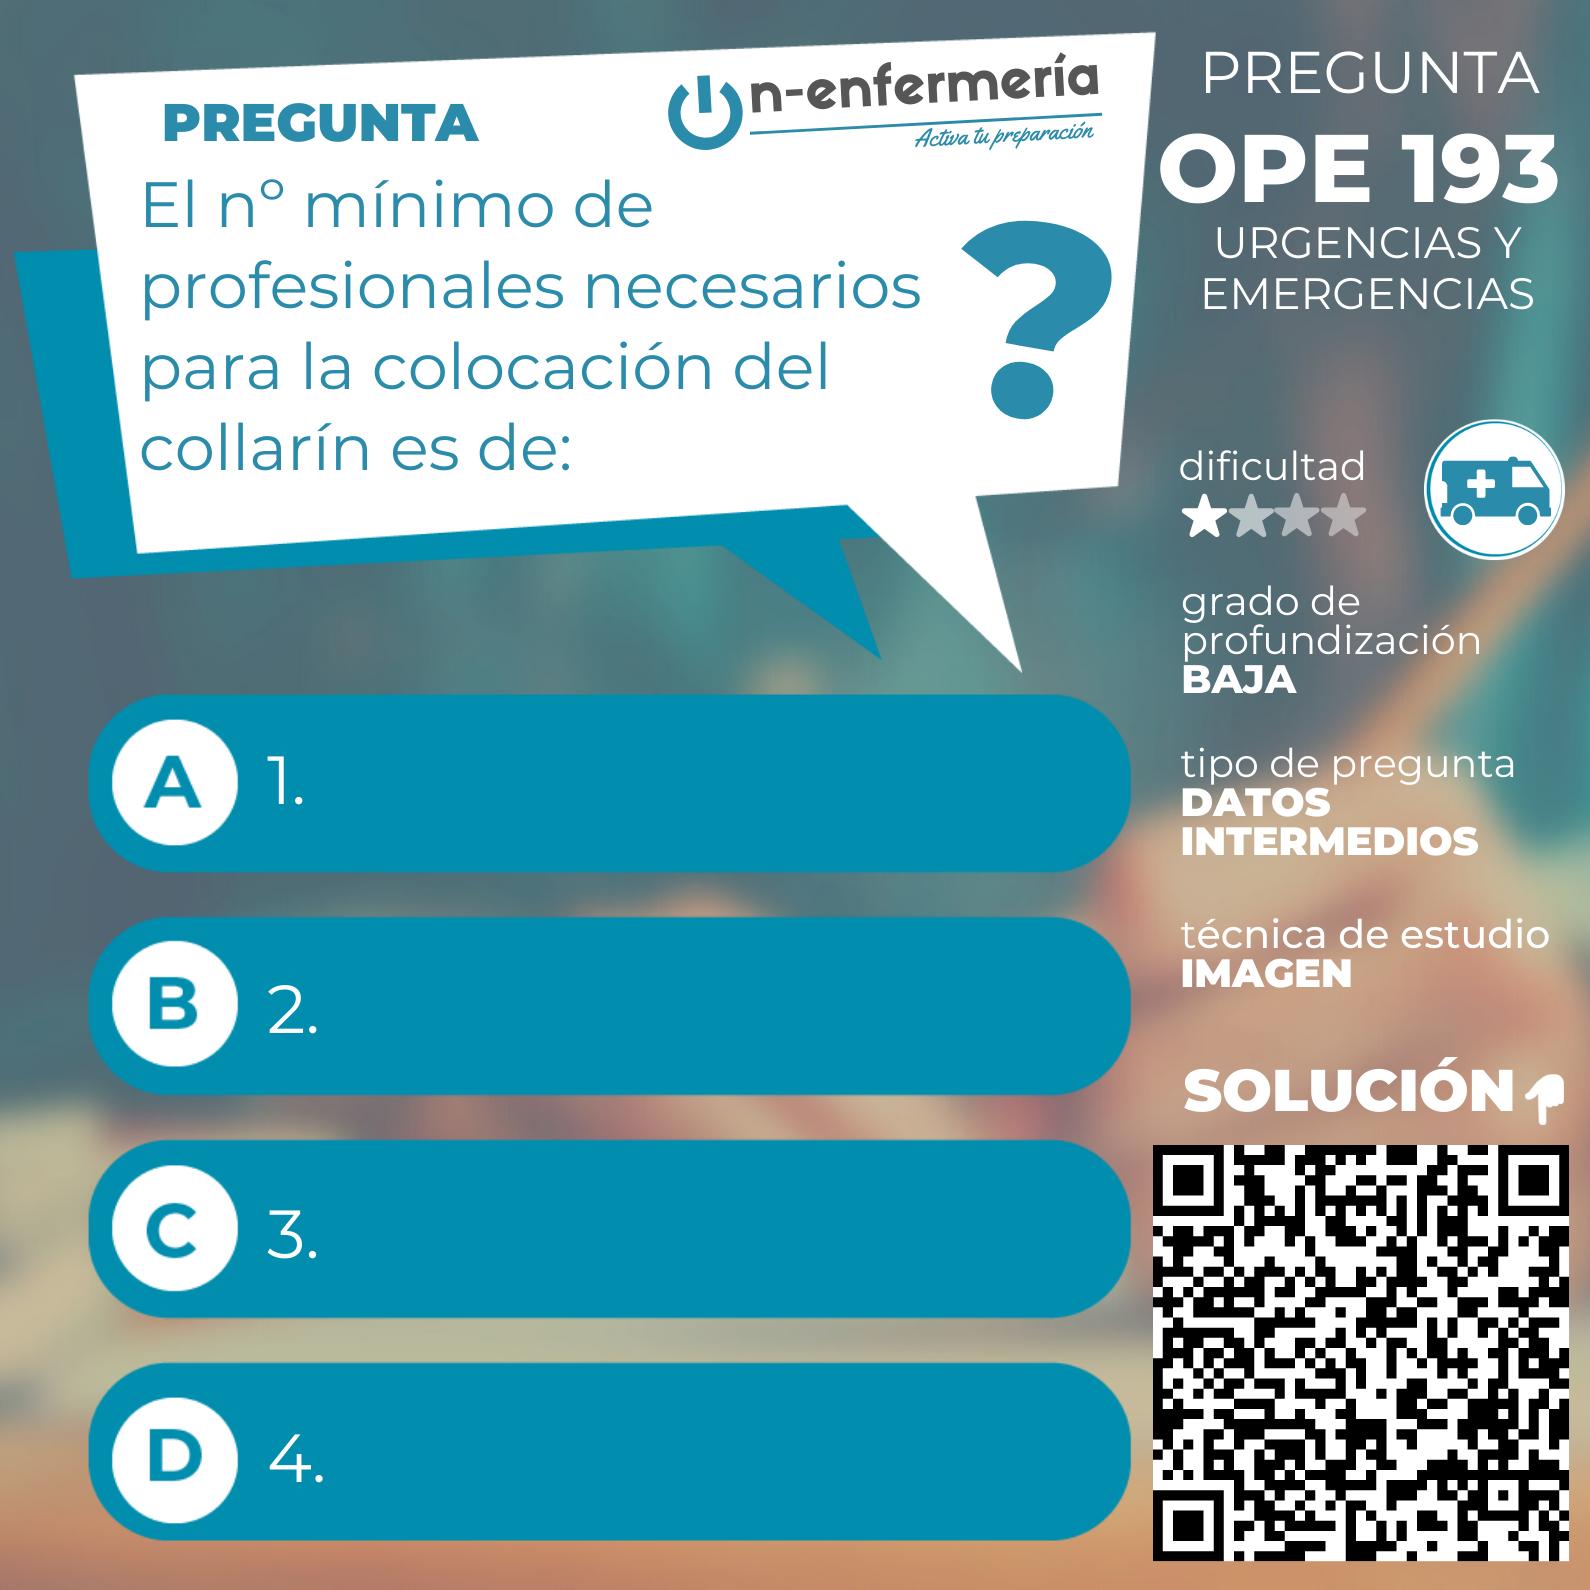 Pregunta examen OPE Enfermería nº 193 - Urgencias y emergencias (1)